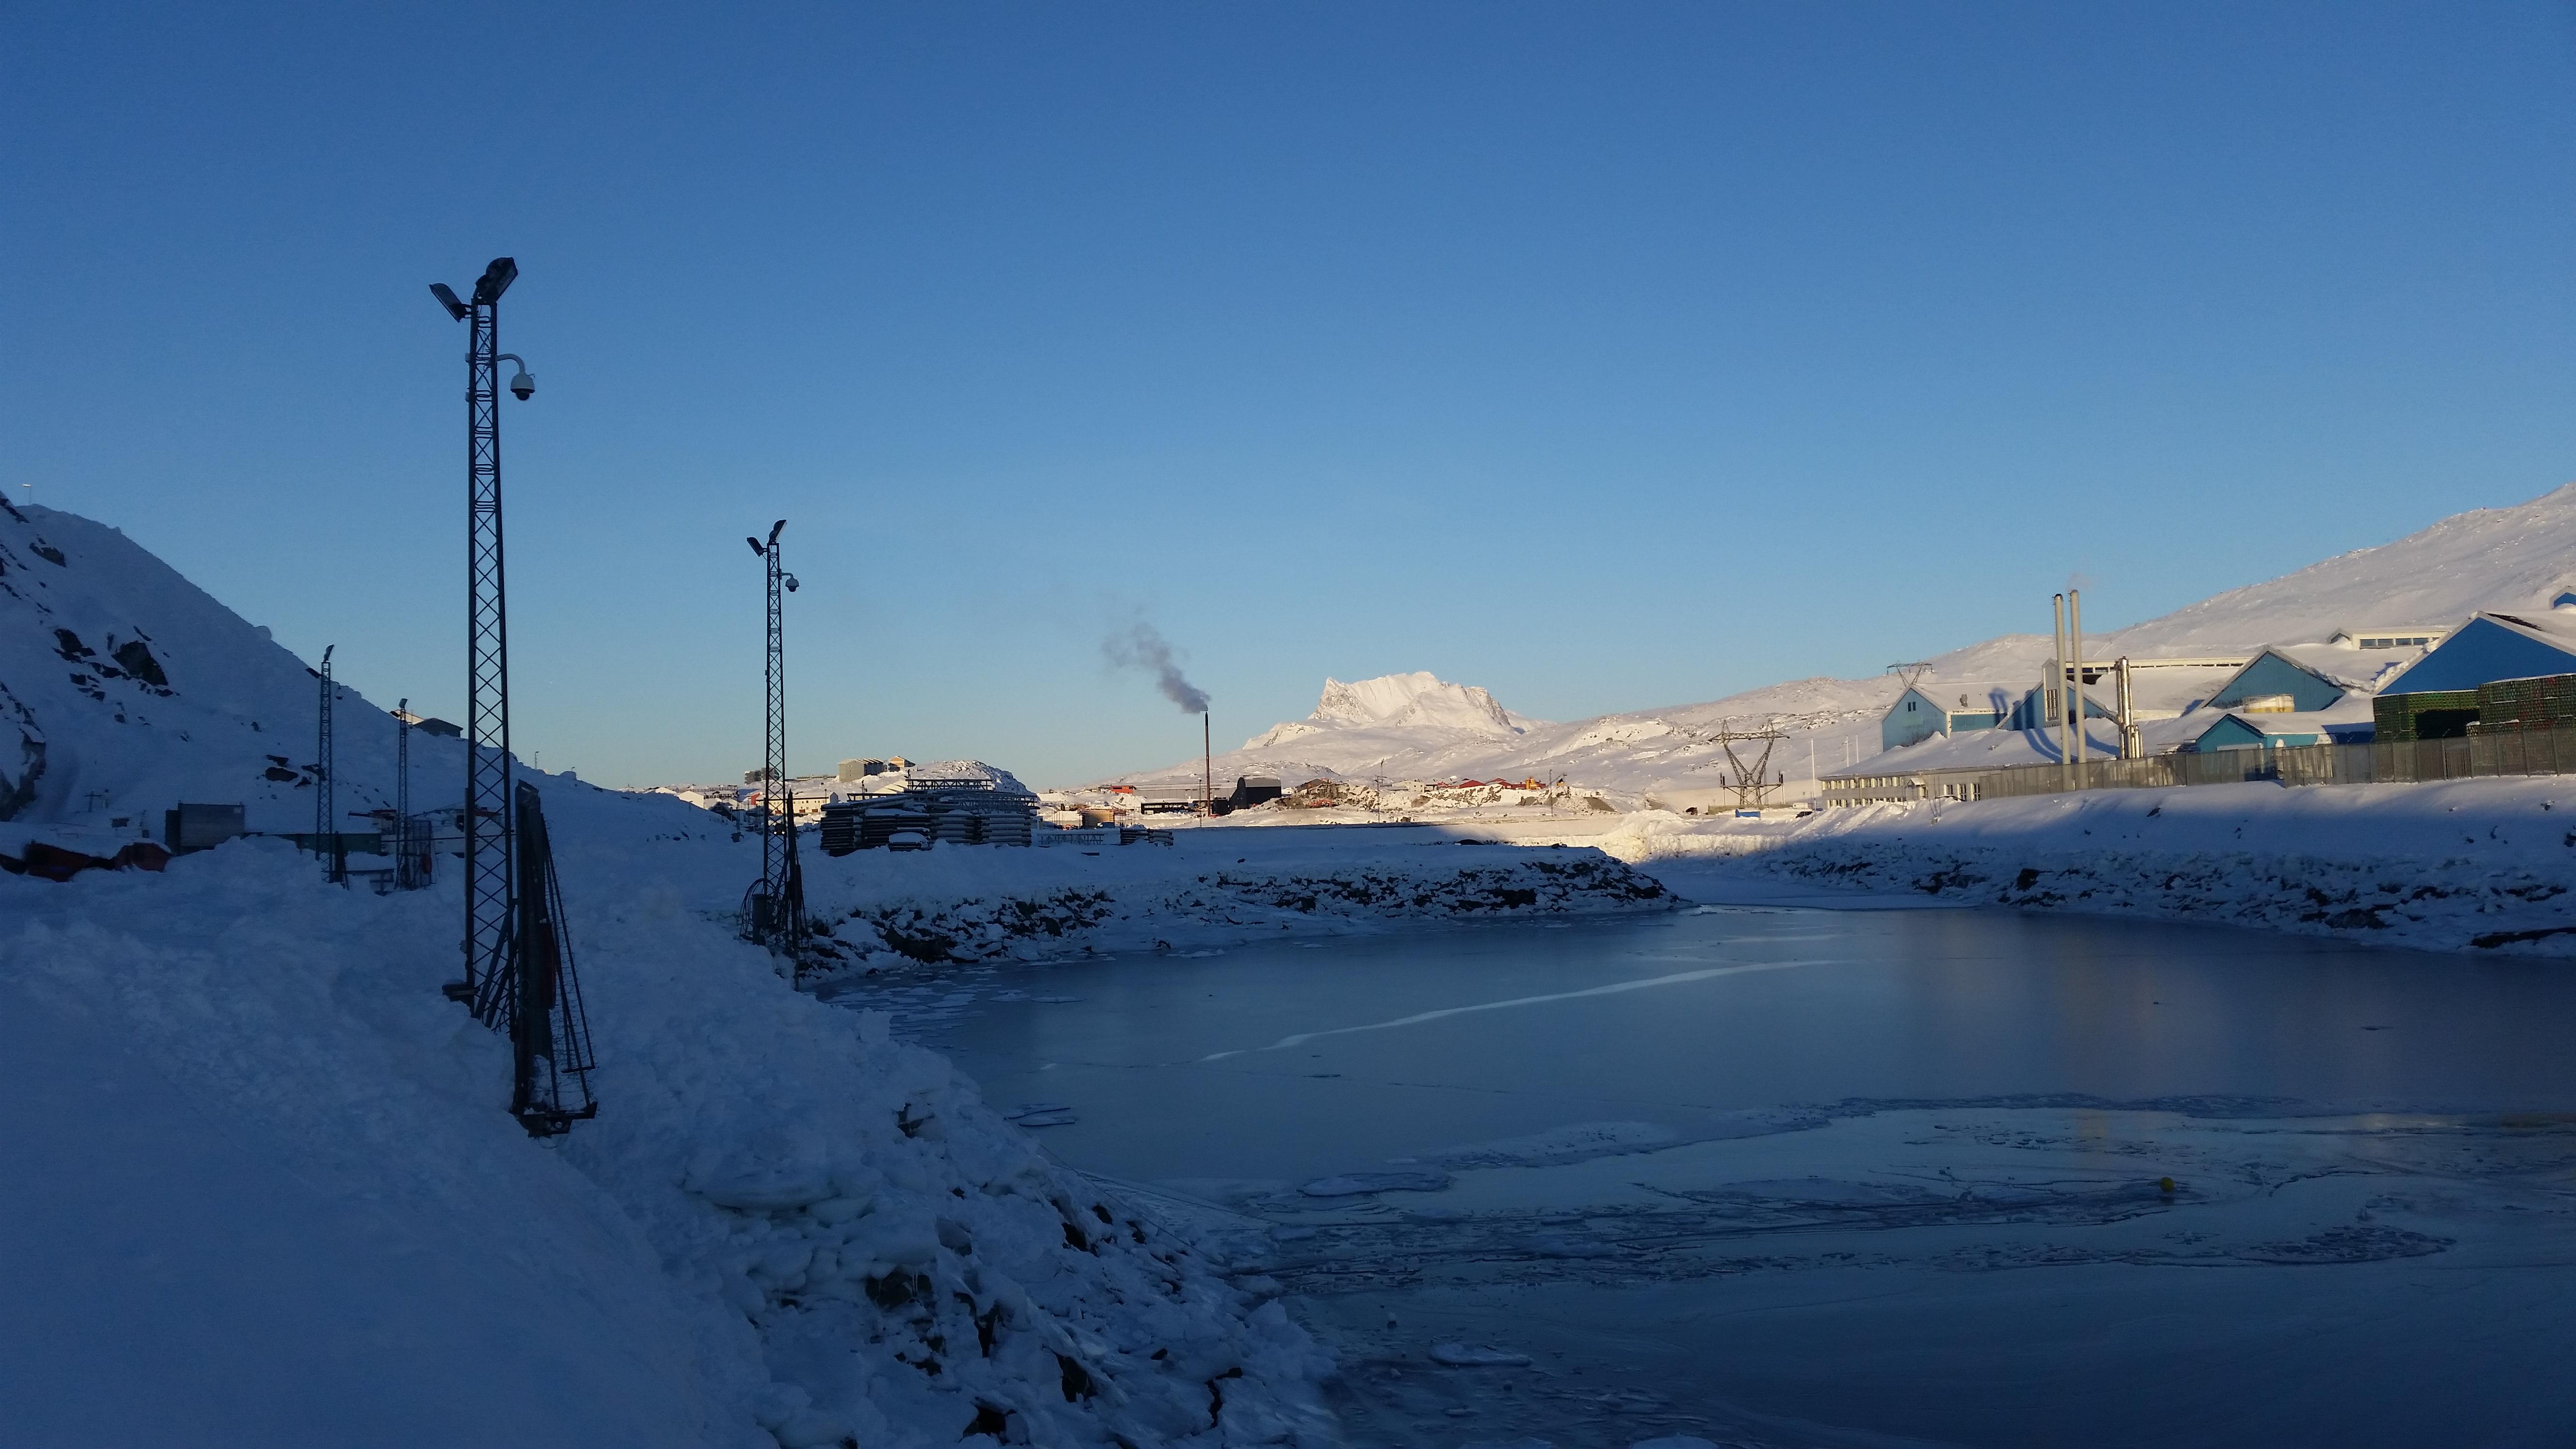 2017-02-15-1556_-_Sermitsiaq